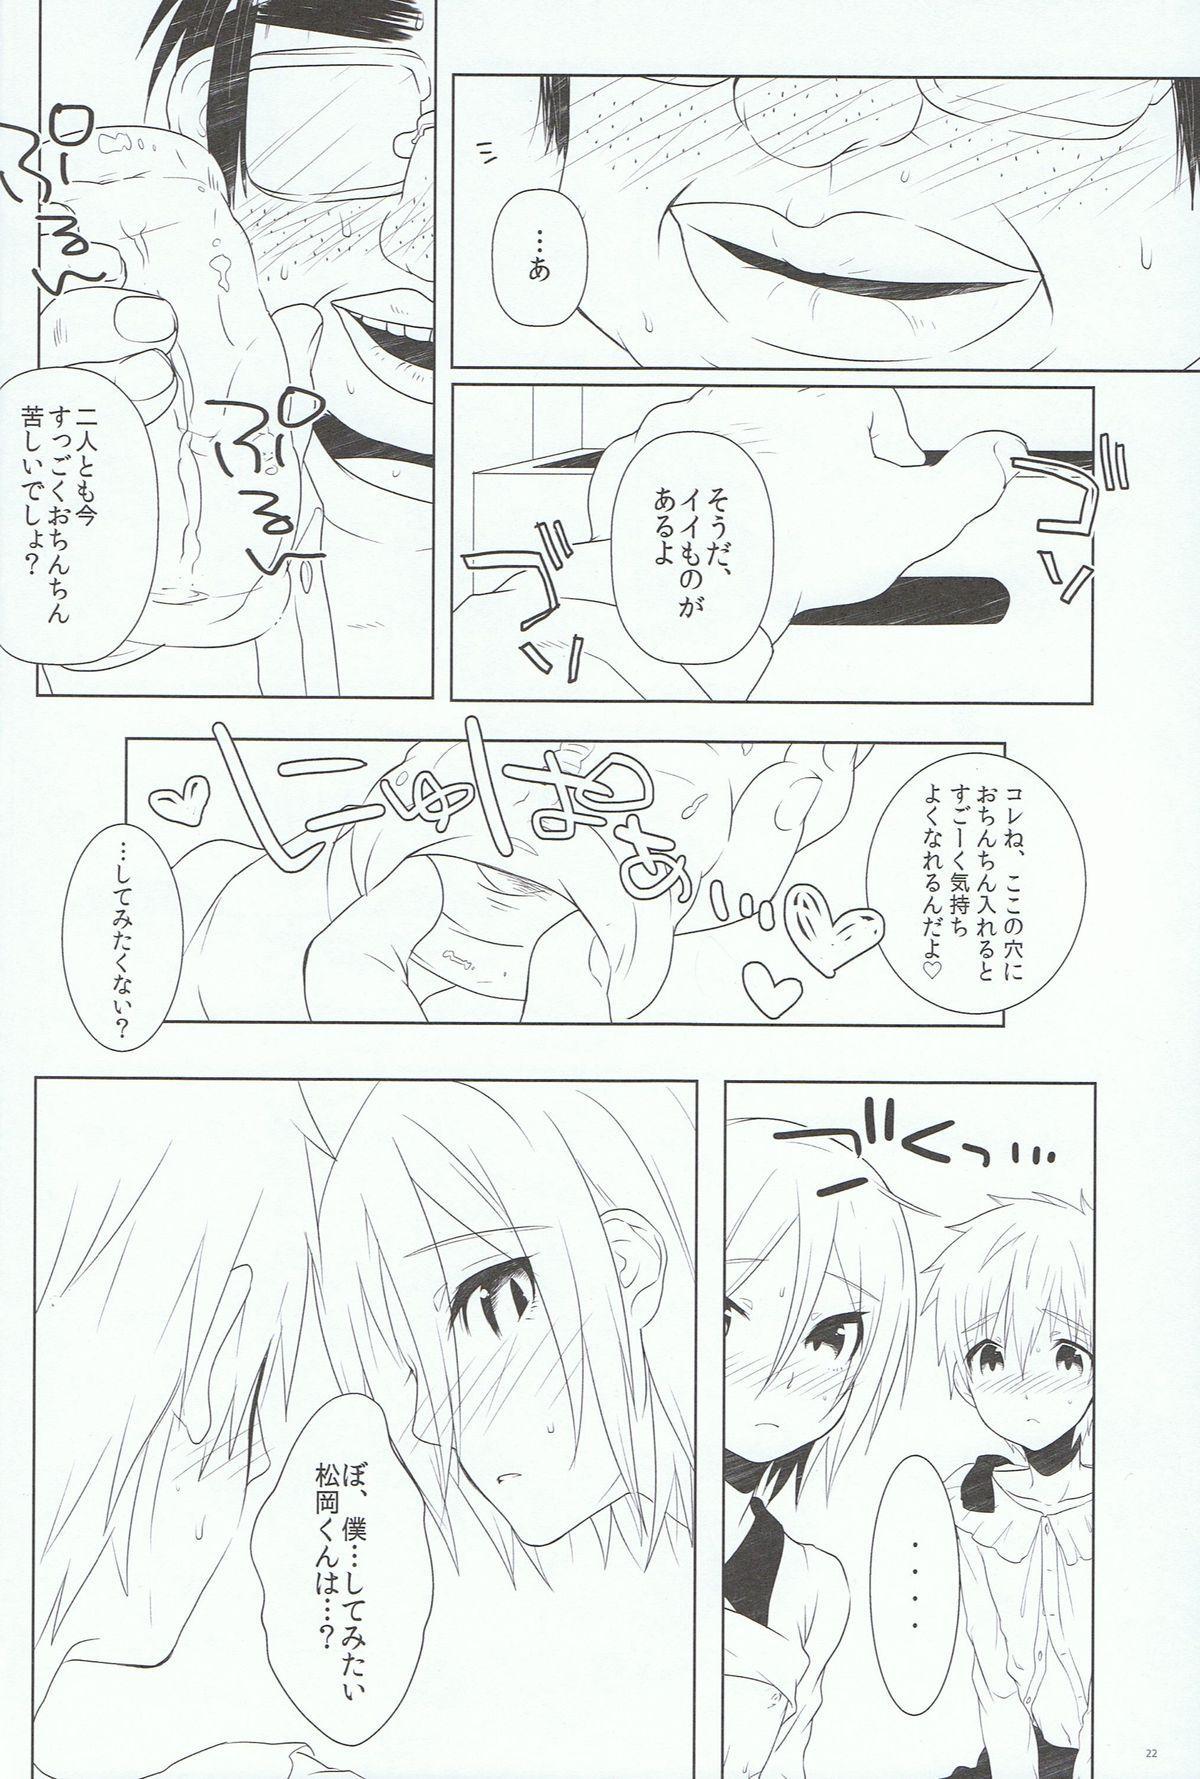 Ikenai Koto Shitai. 20